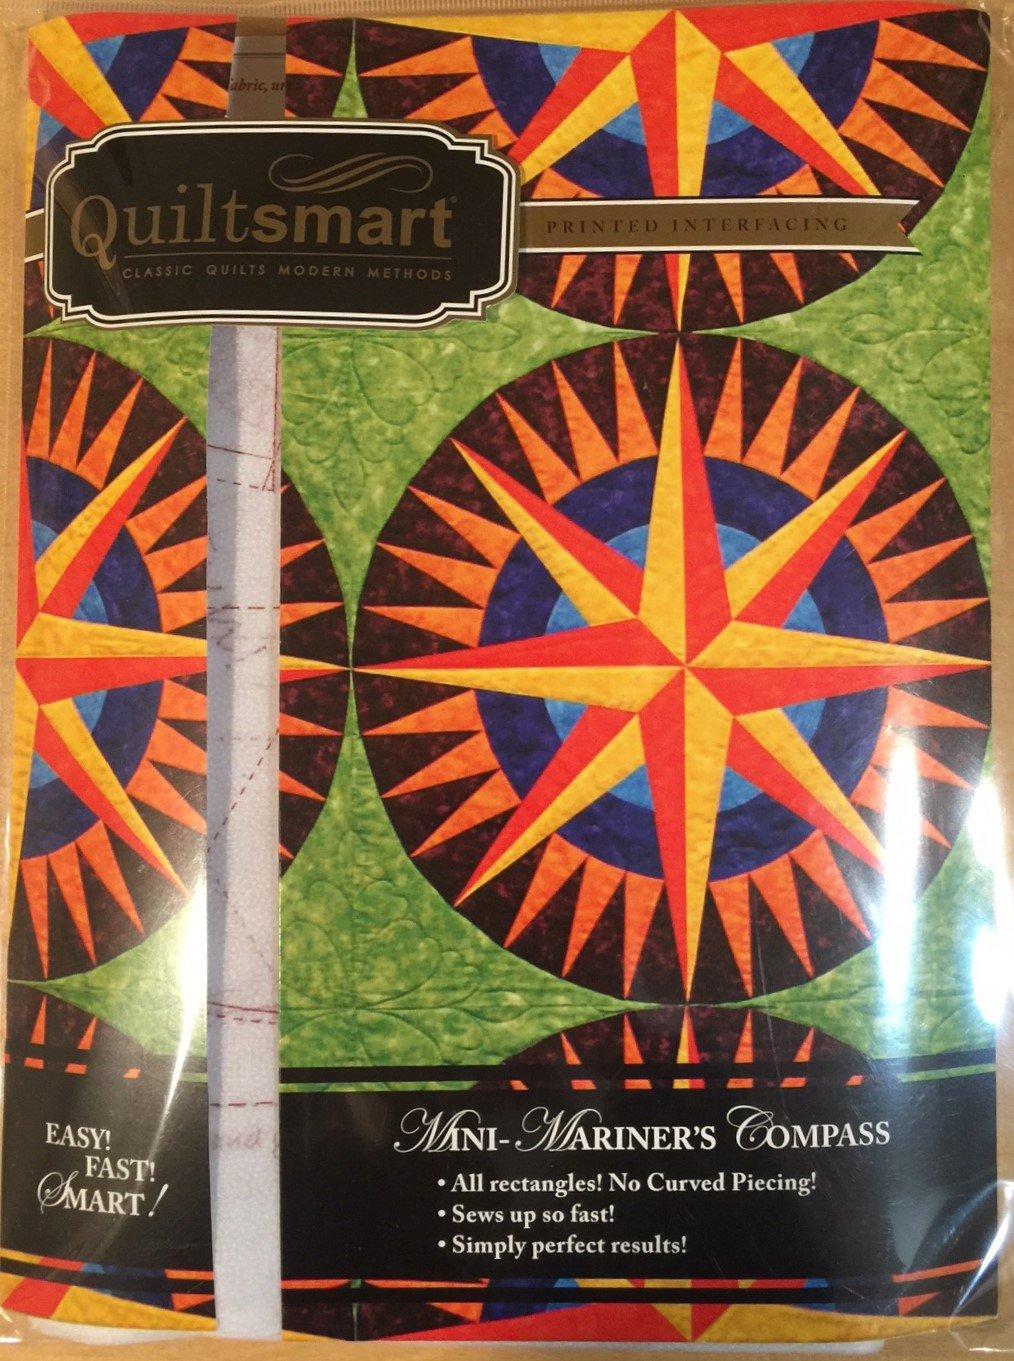 Mini-Mariner's Compass Pack